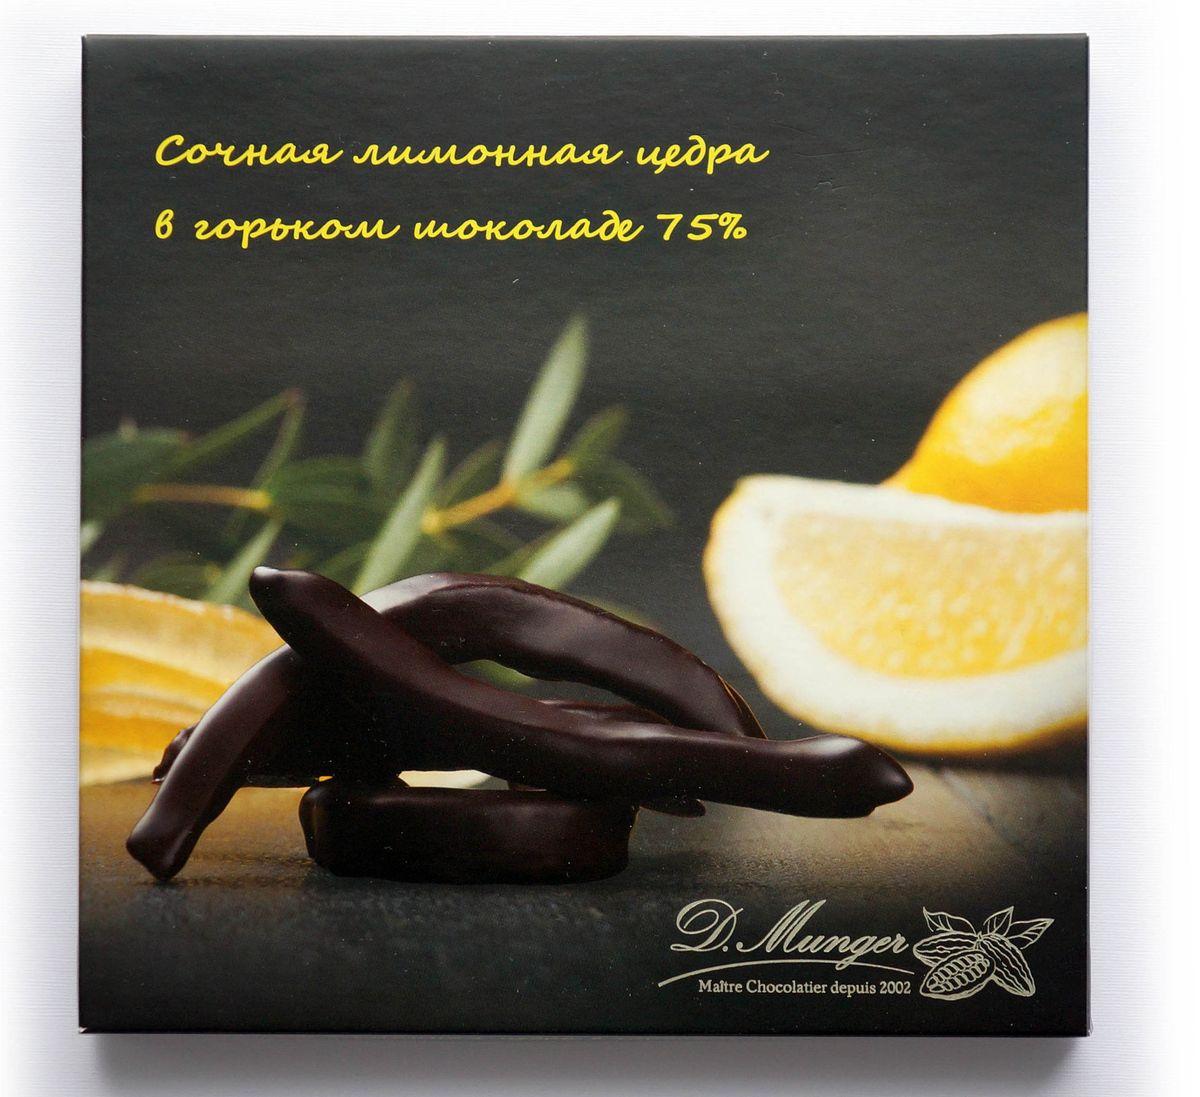 Chocolatier D.Munger цукаты лимона в горьком шоколаде, 100 гУТ-00000333Цукаты лимона в горьком шоколаде Chocolatier D.Munger - это изысканный десерт, который придется по душе настоящим гурманам. Применяются цукаты, не придавленные экстракцией сока, в которых сохранилась все эфирные масла цедры. Цедру вручную отсоединяют из цельного плода сочных лимонов Амальфийского побережья. Цукаты не обсыпаны в декстрозе. Натуральную горечь цукатов подчеркивает тонкий слой 75% горького шоколада, основой которого являются терпкие какао-бобы лучших ганских плантаций.